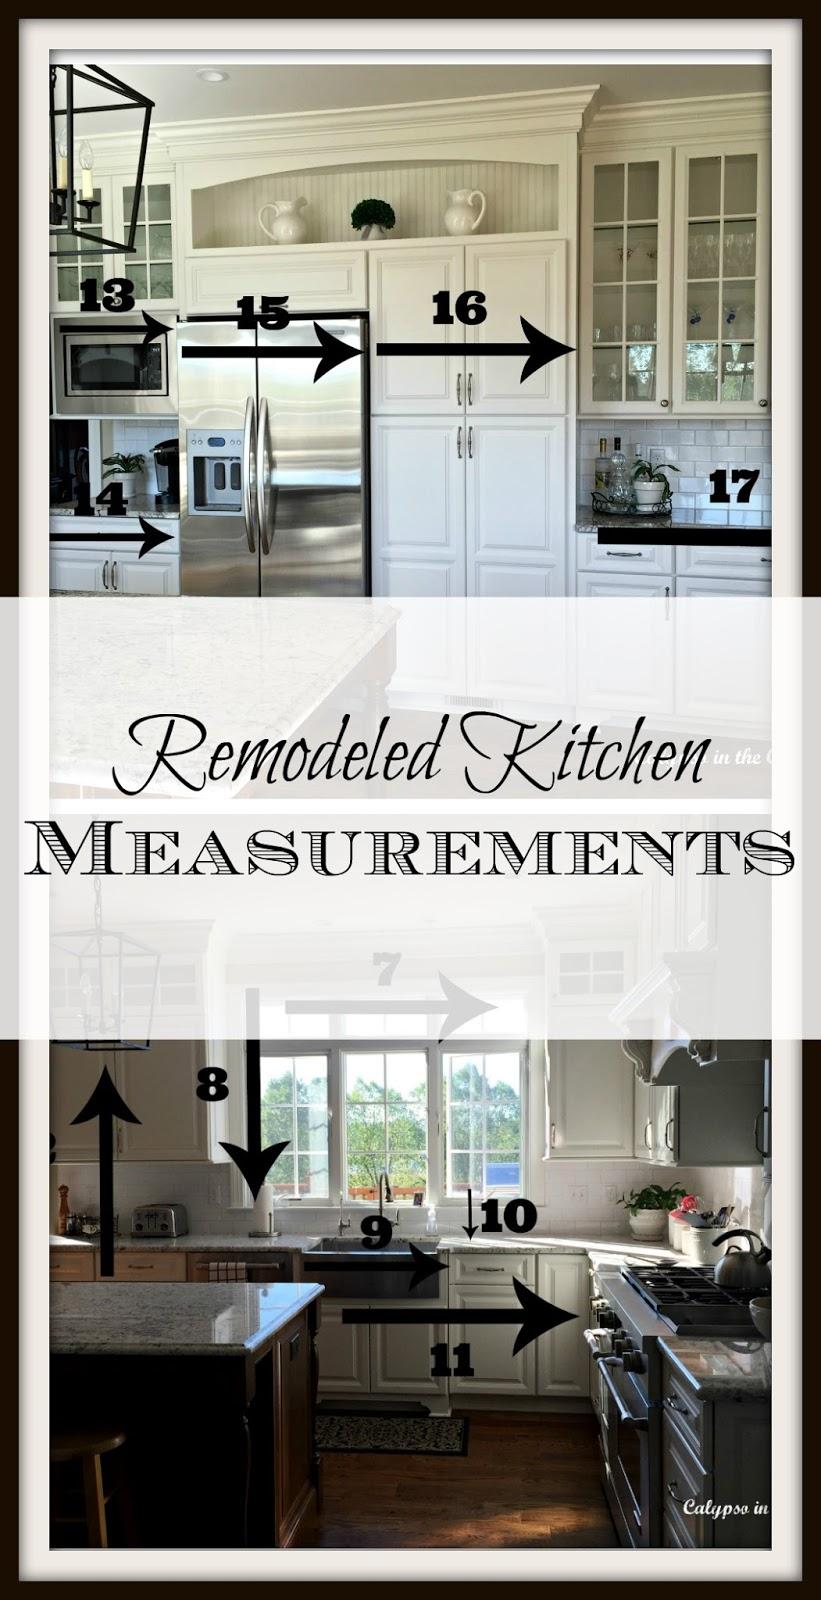 Remodeled Kitchen Measurements